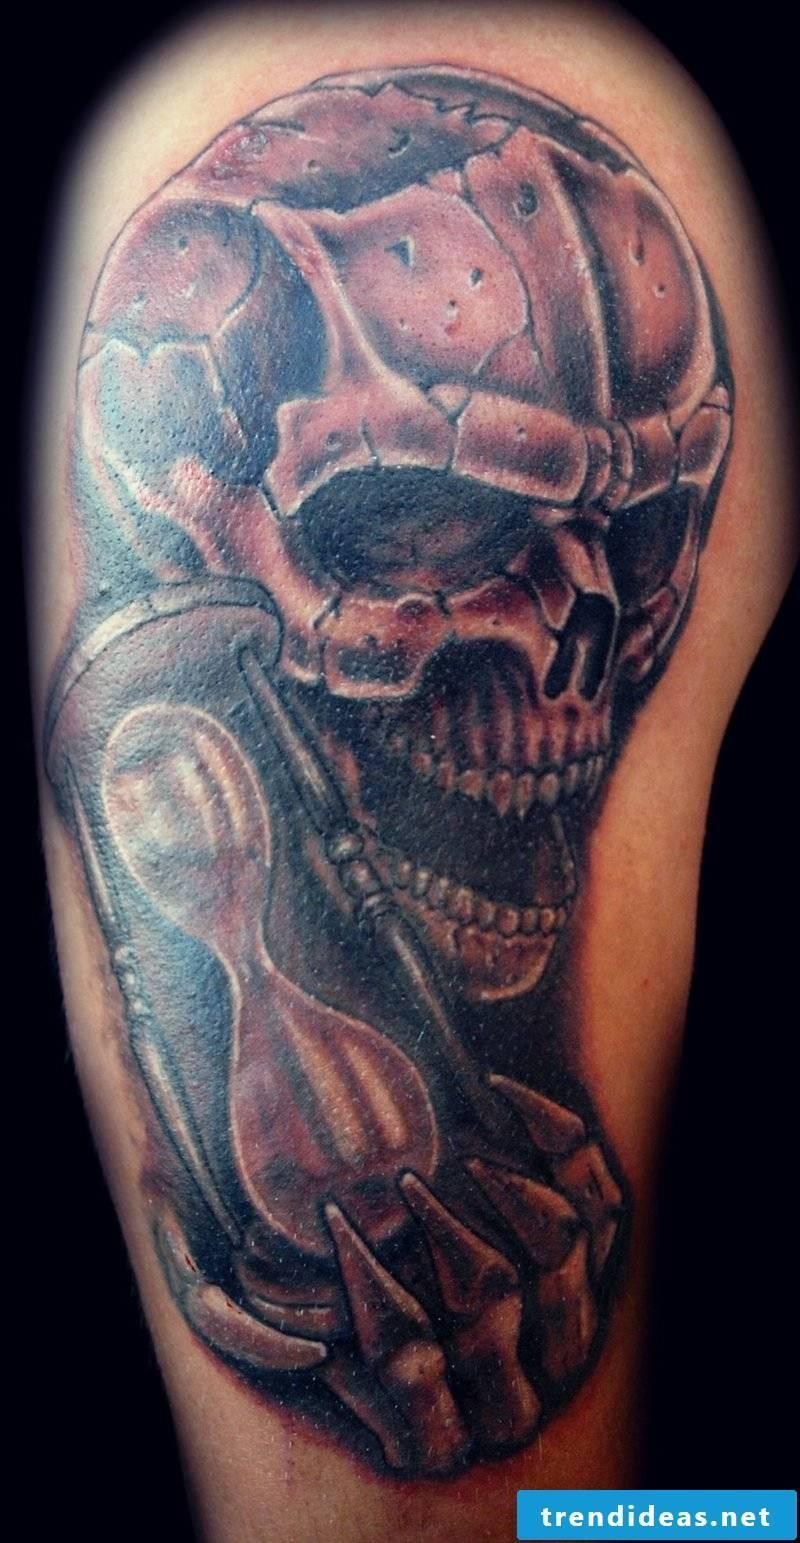 Hourglass Tattoo skull and hourglass